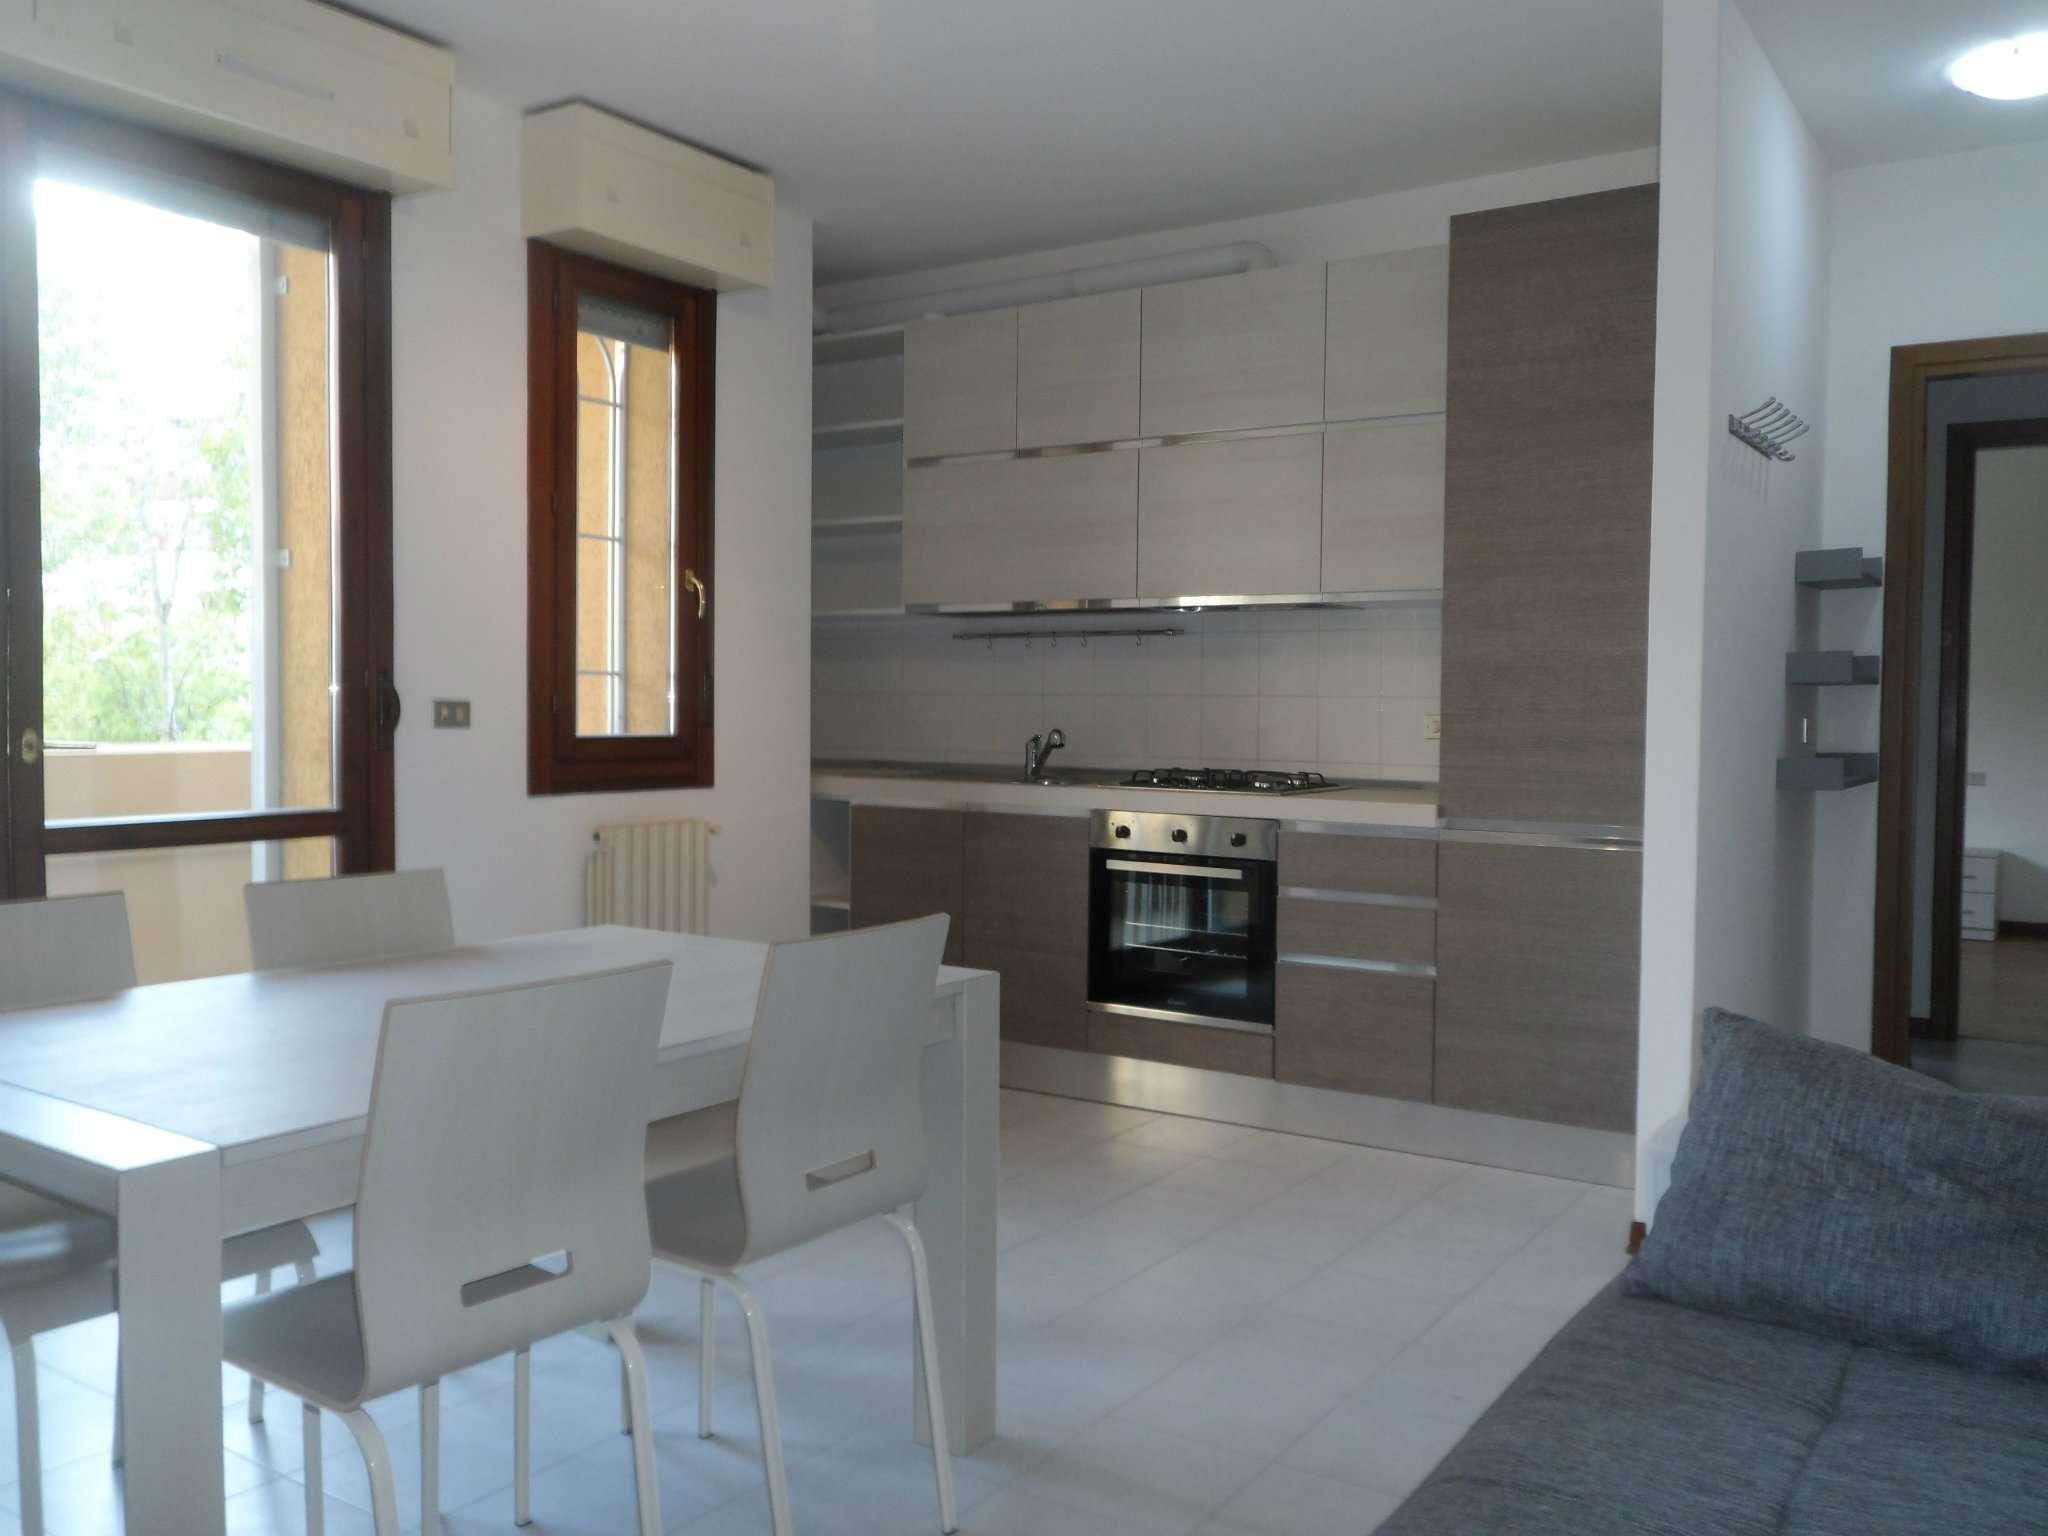 Appartamento in affitto a Ozzano dell'Emilia, 2 locali, prezzo € 650 | CambioCasa.it